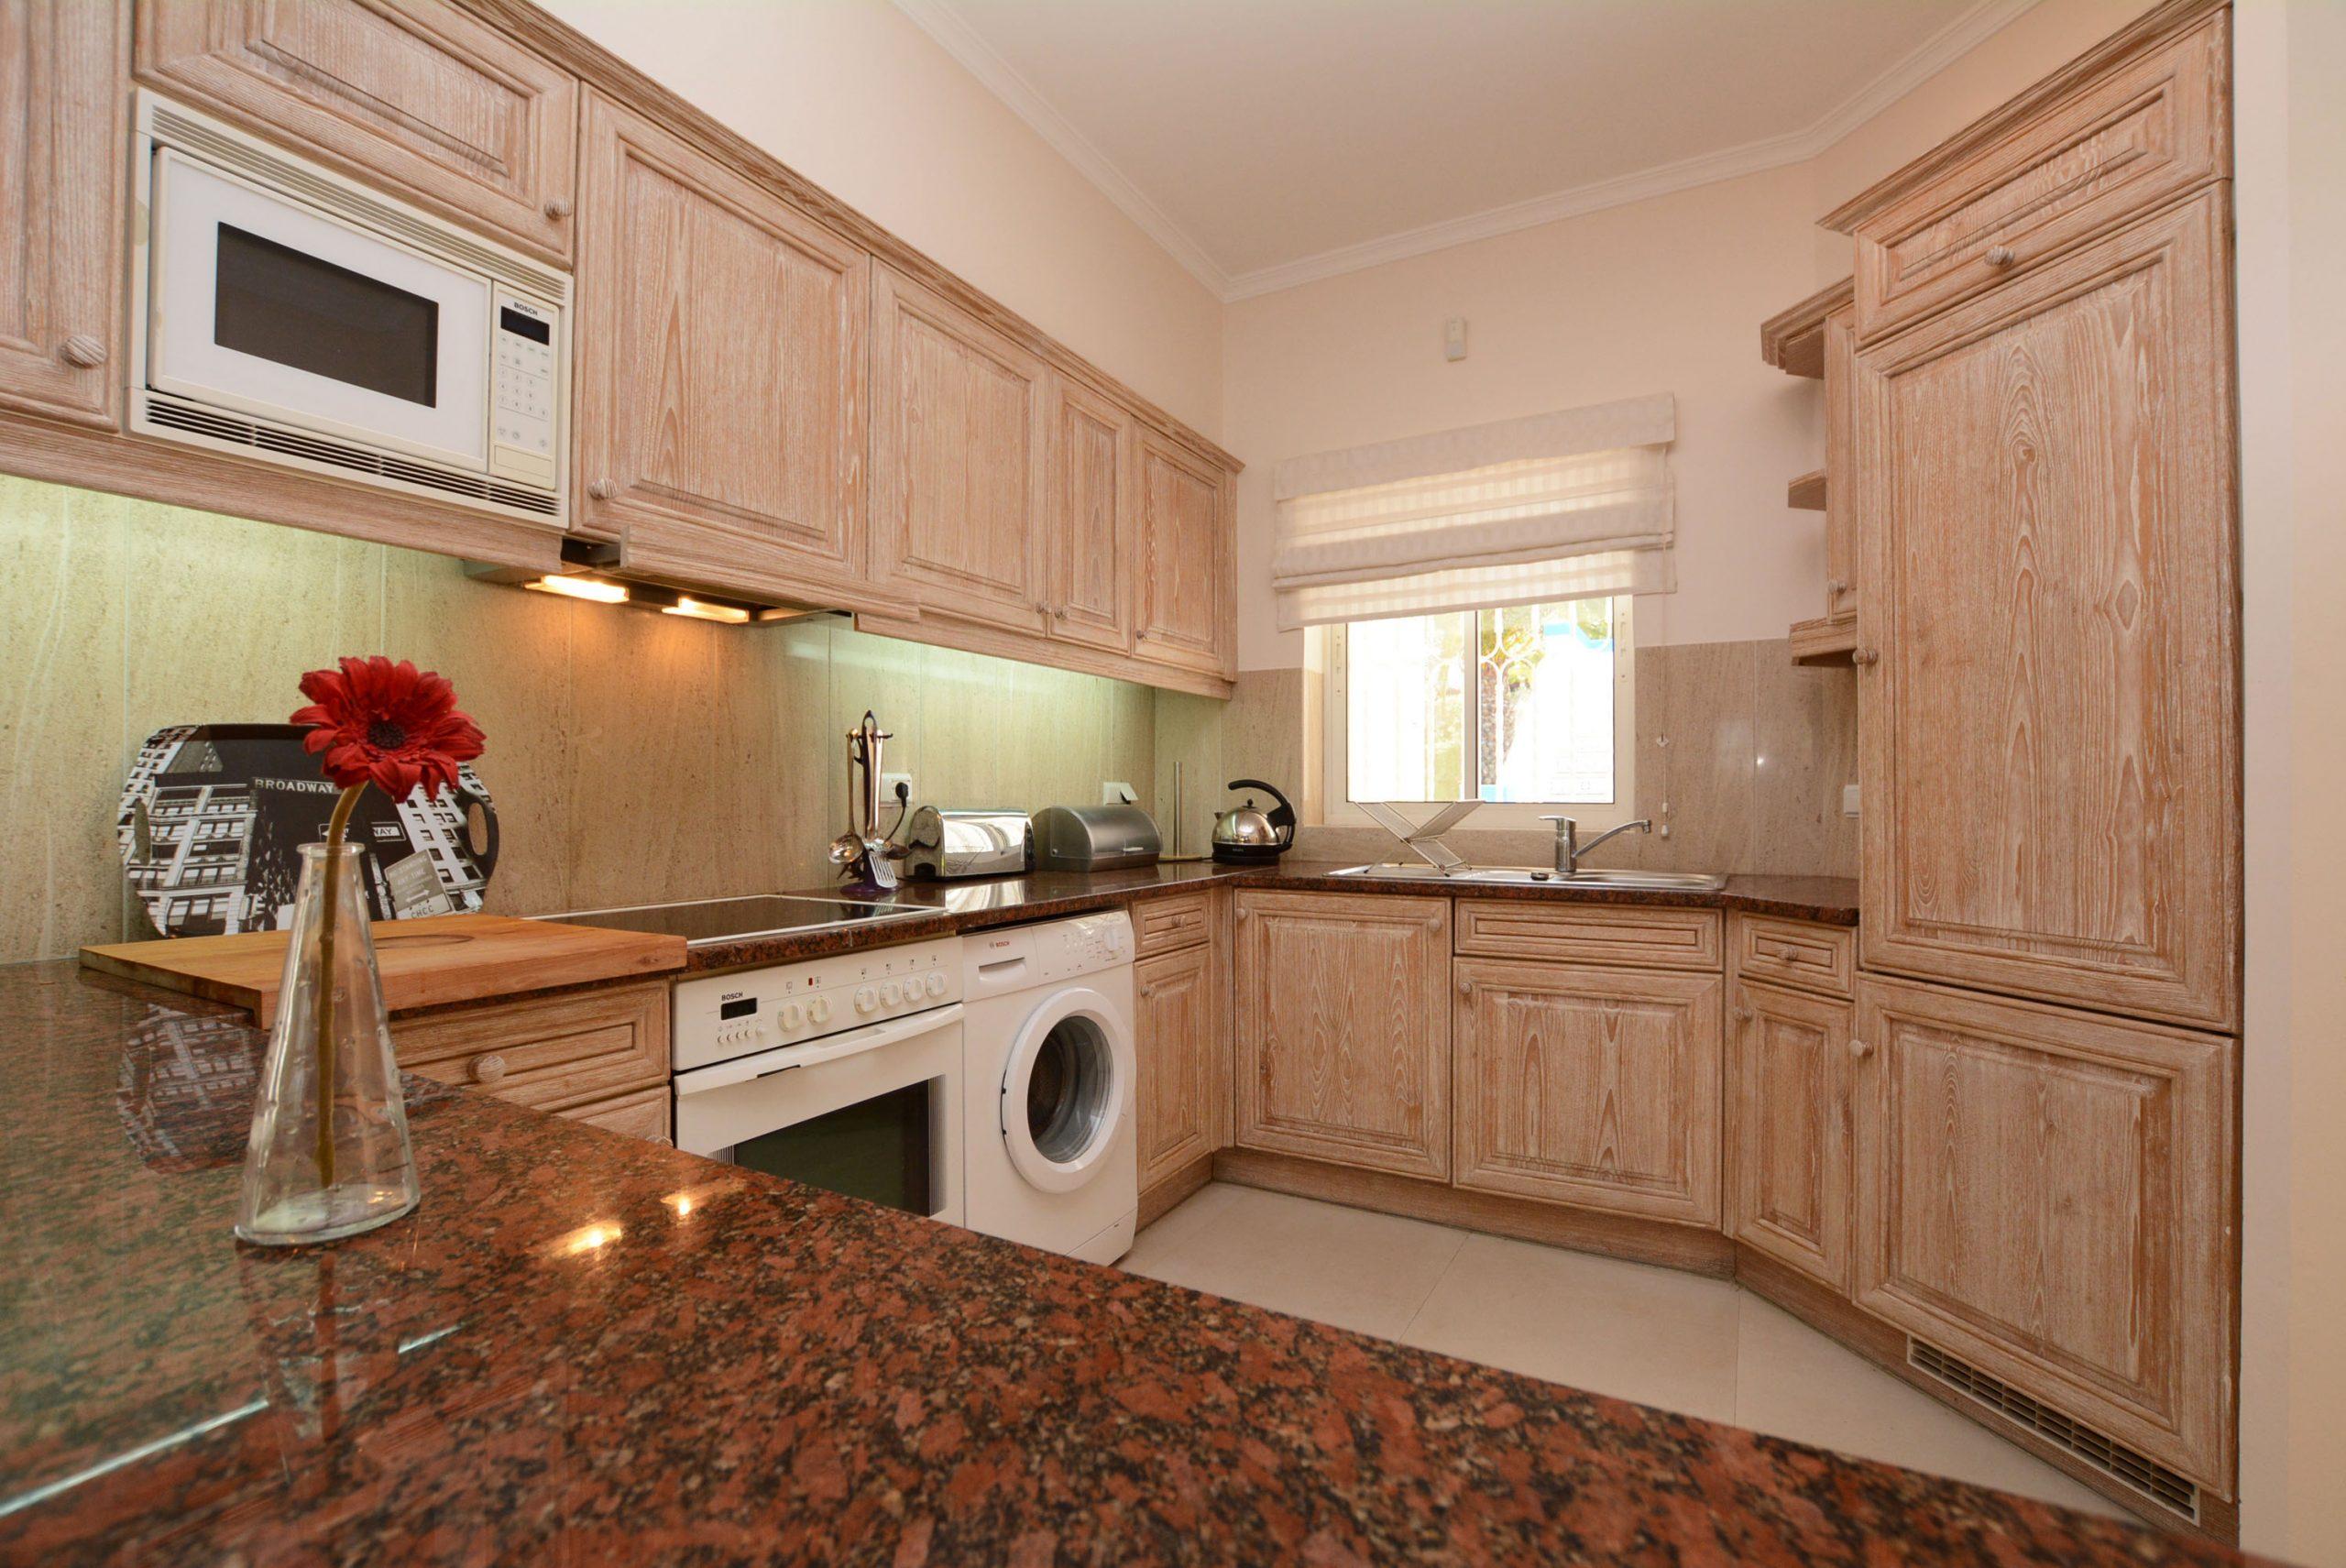 2 Bedroom Apartment for sale in Encosta do Lago, Quinta do Lago (4)